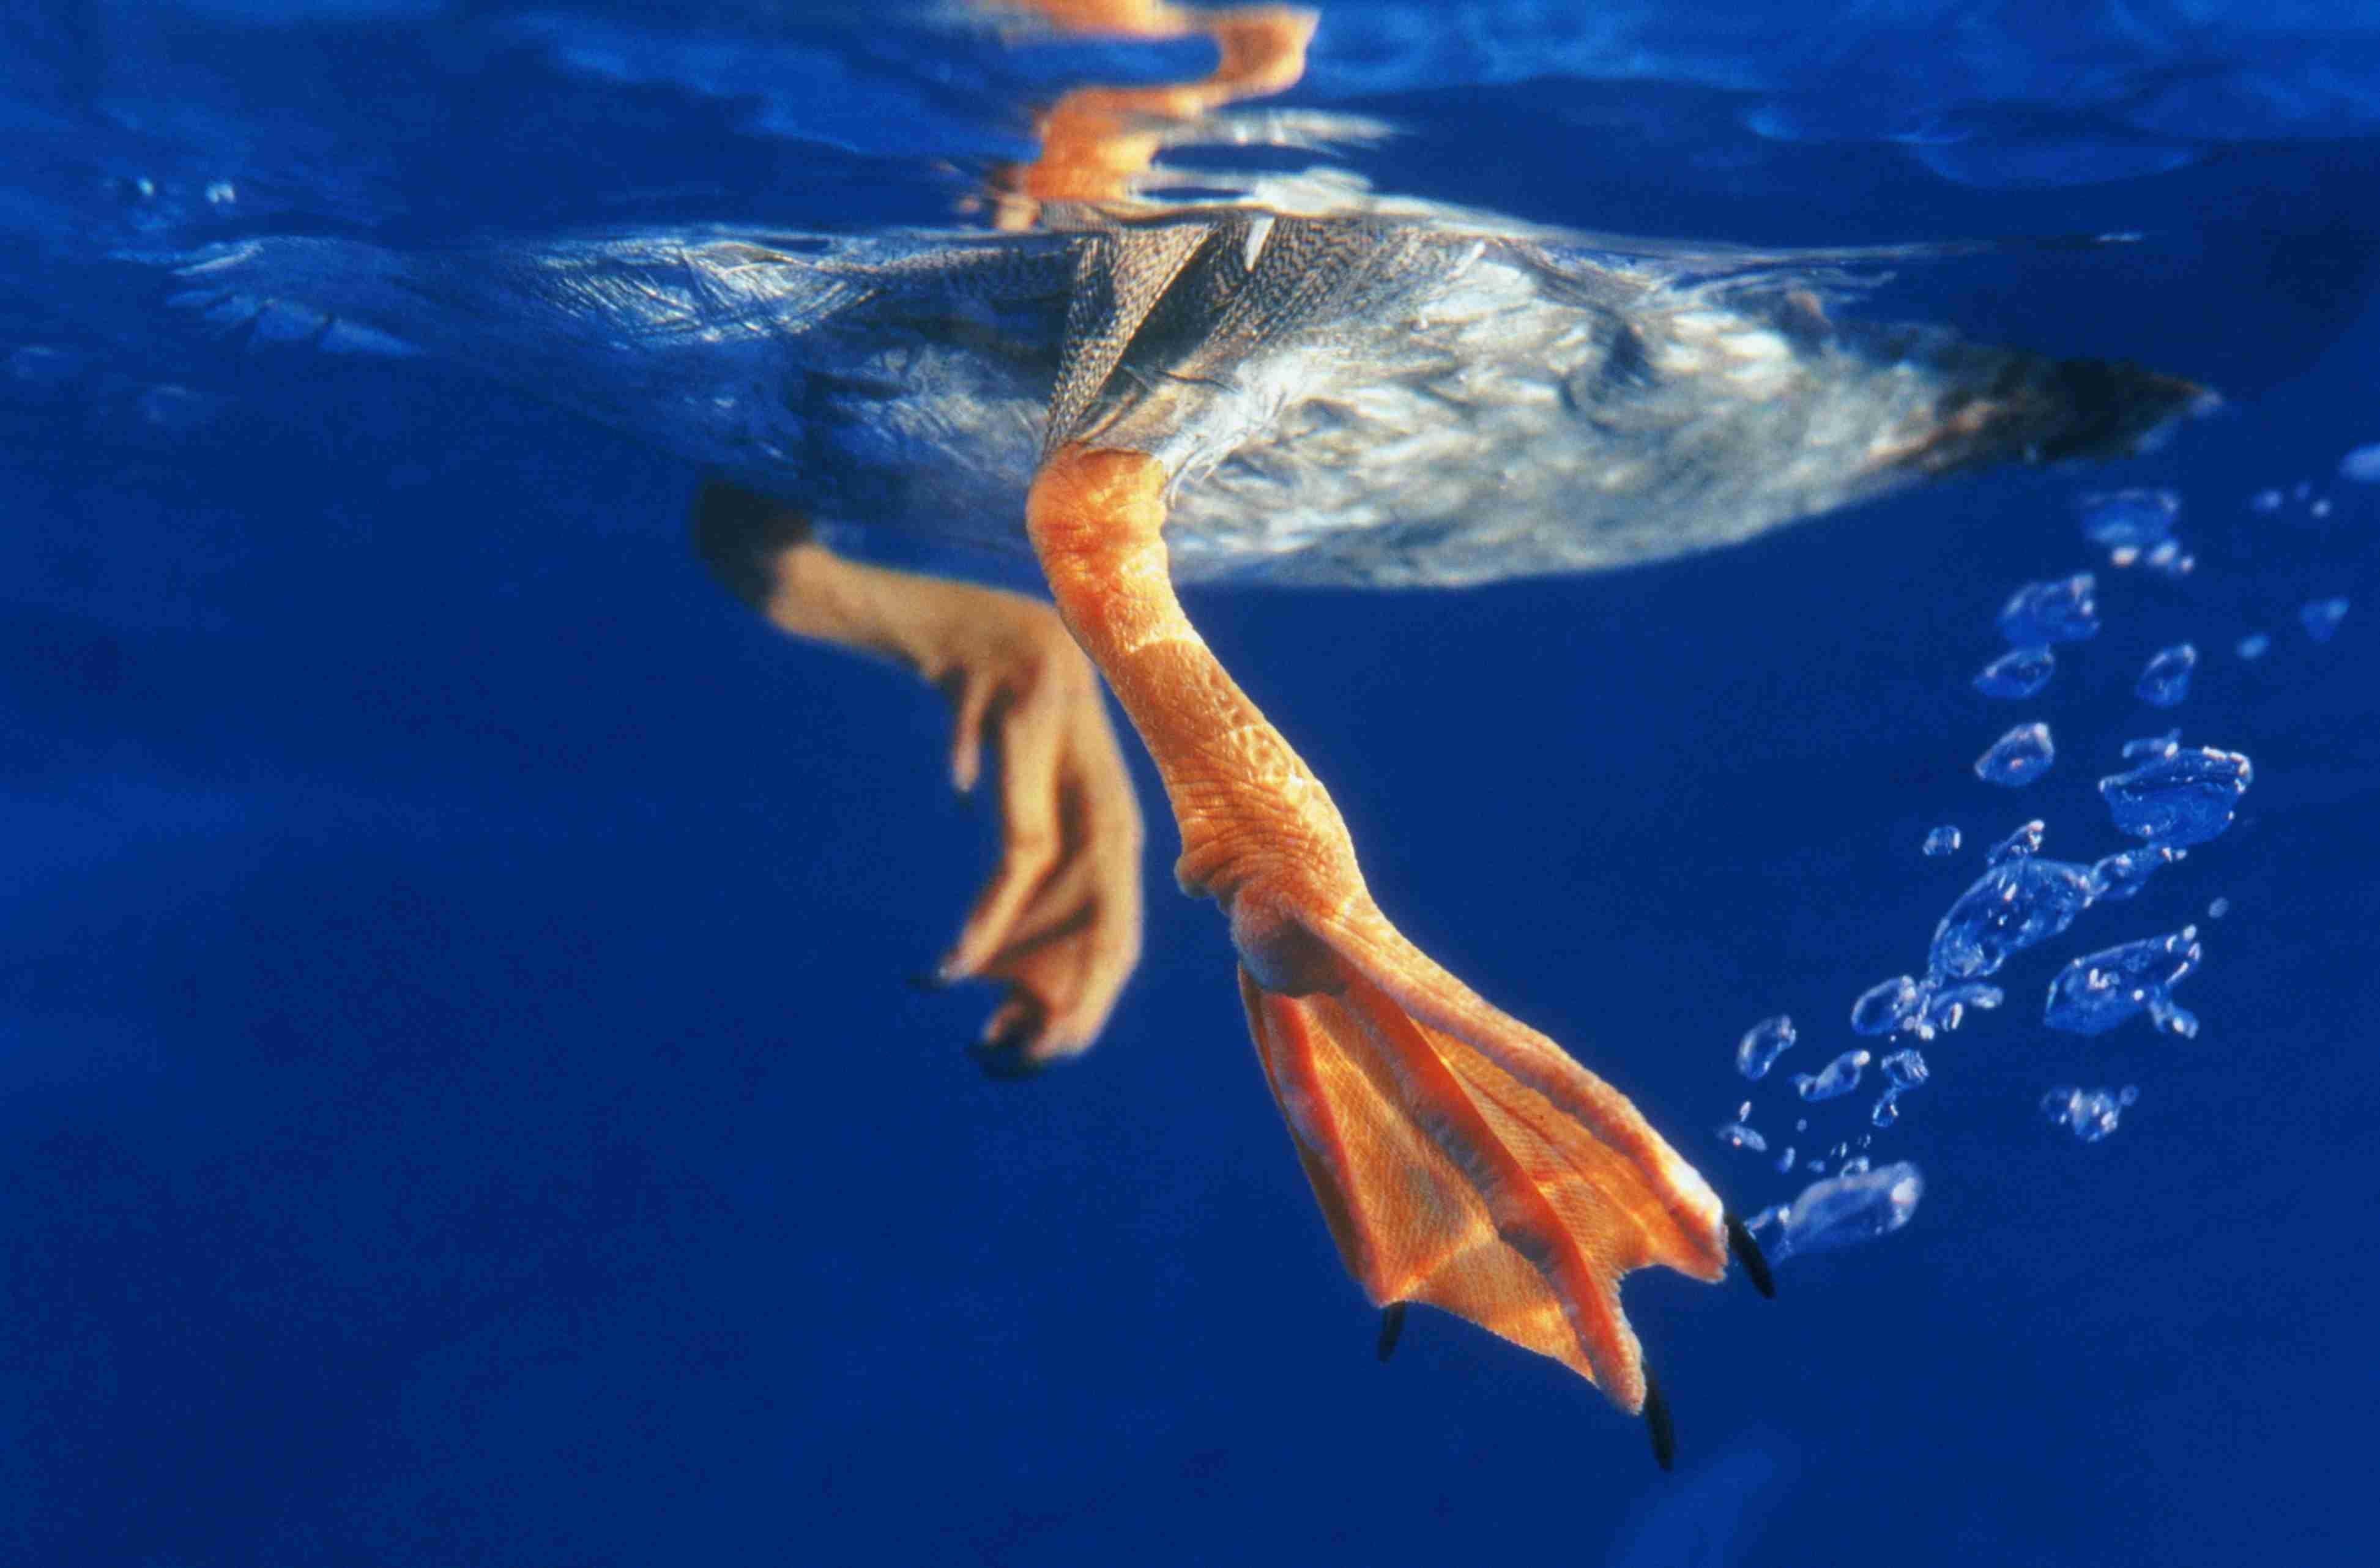 Nahaufnahme der Schwimmfüße einer schwimmenden Ente